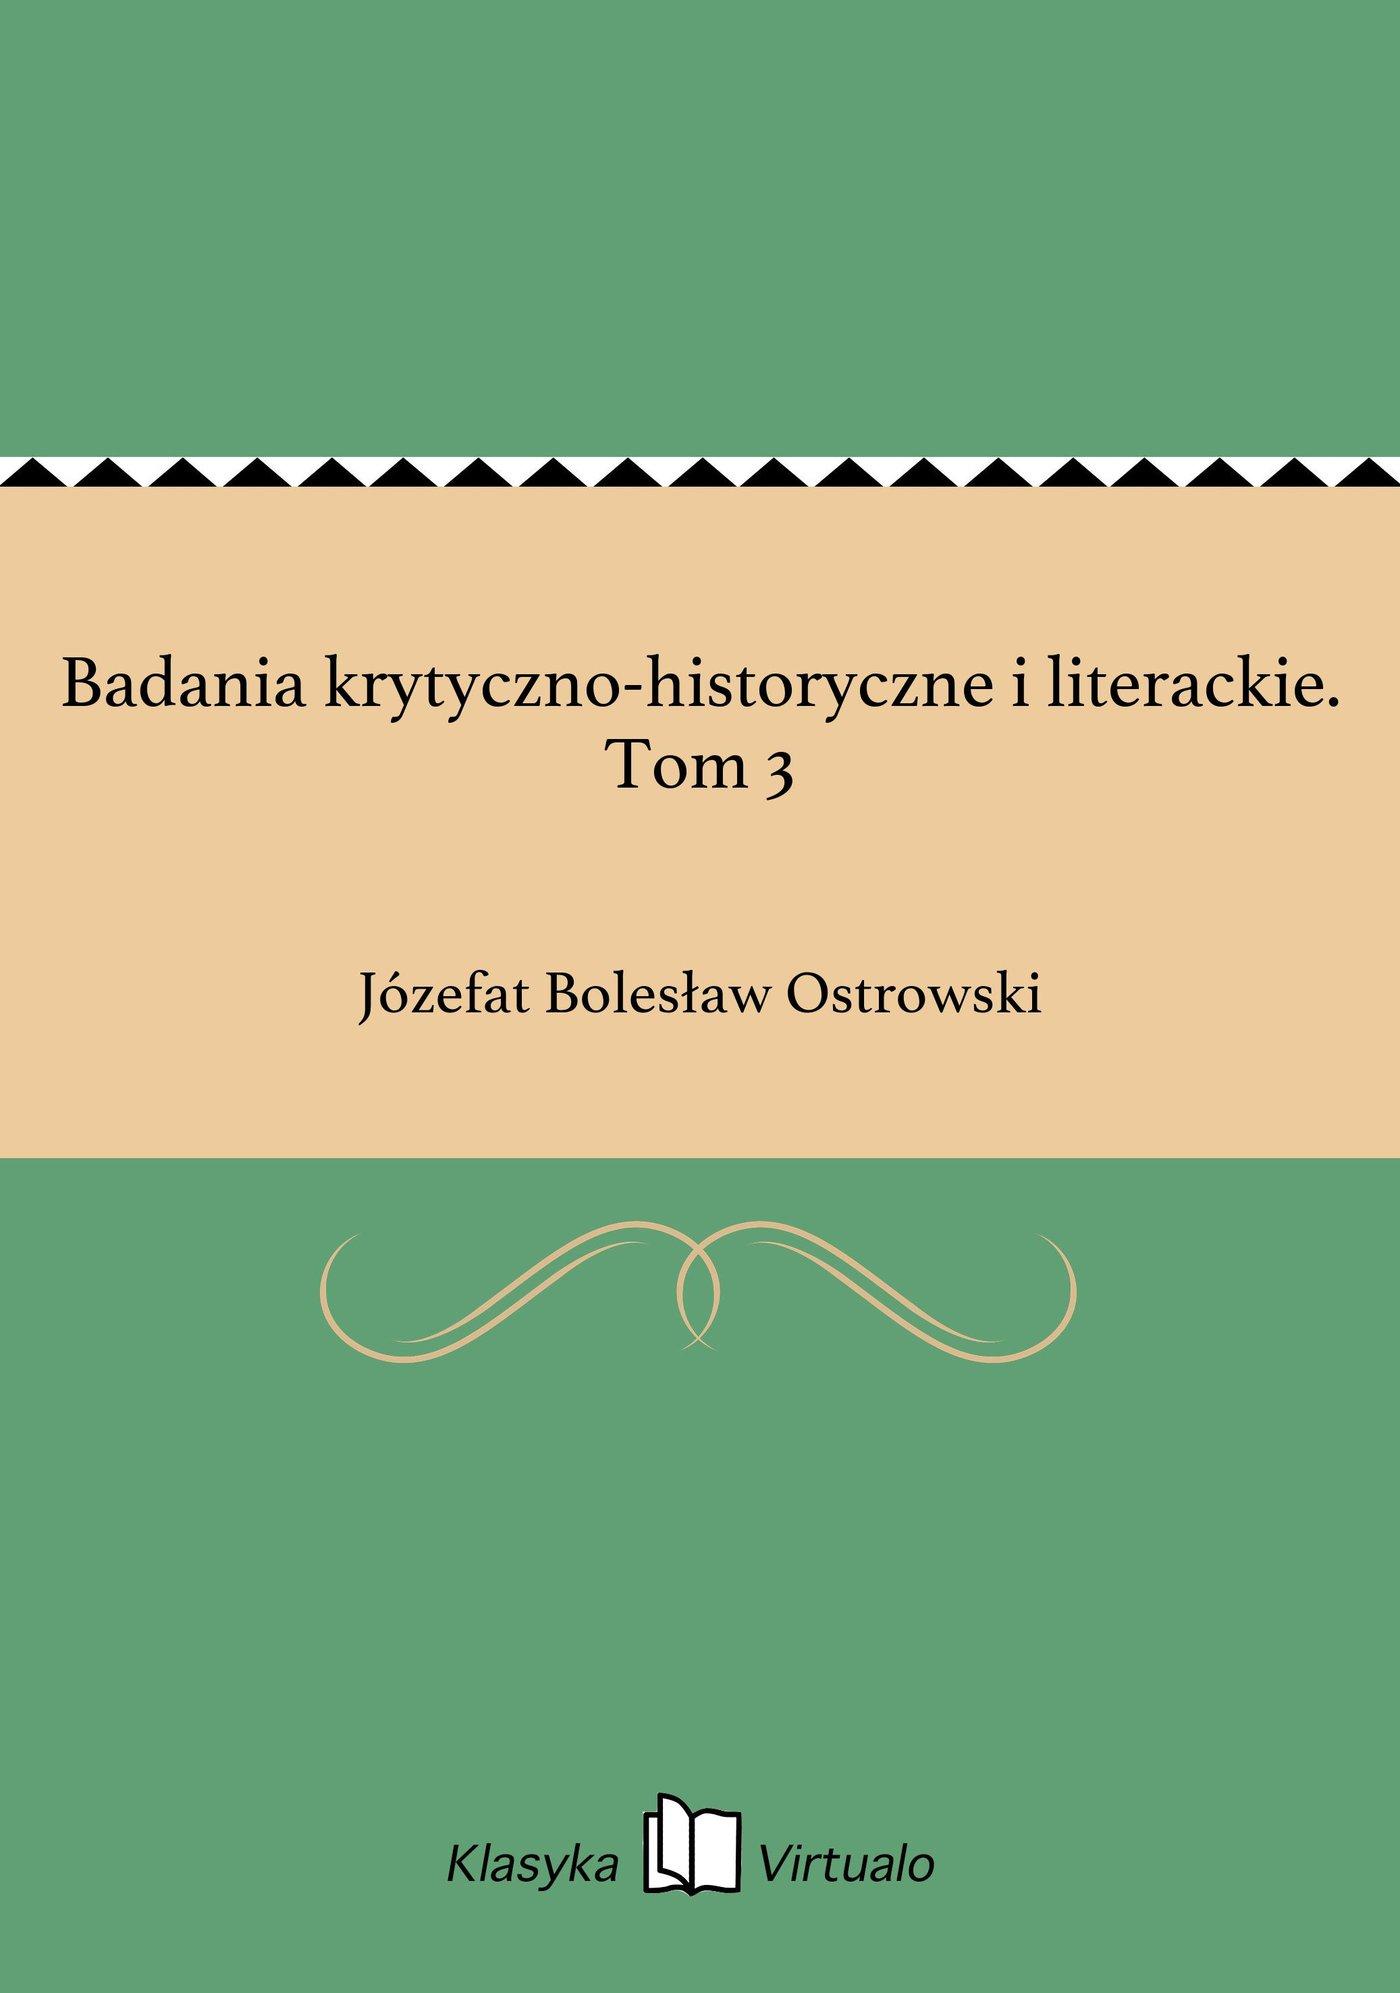 Badania krytyczno-historyczne i literackie. Tom 3 - Ebook (Książka EPUB) do pobrania w formacie EPUB